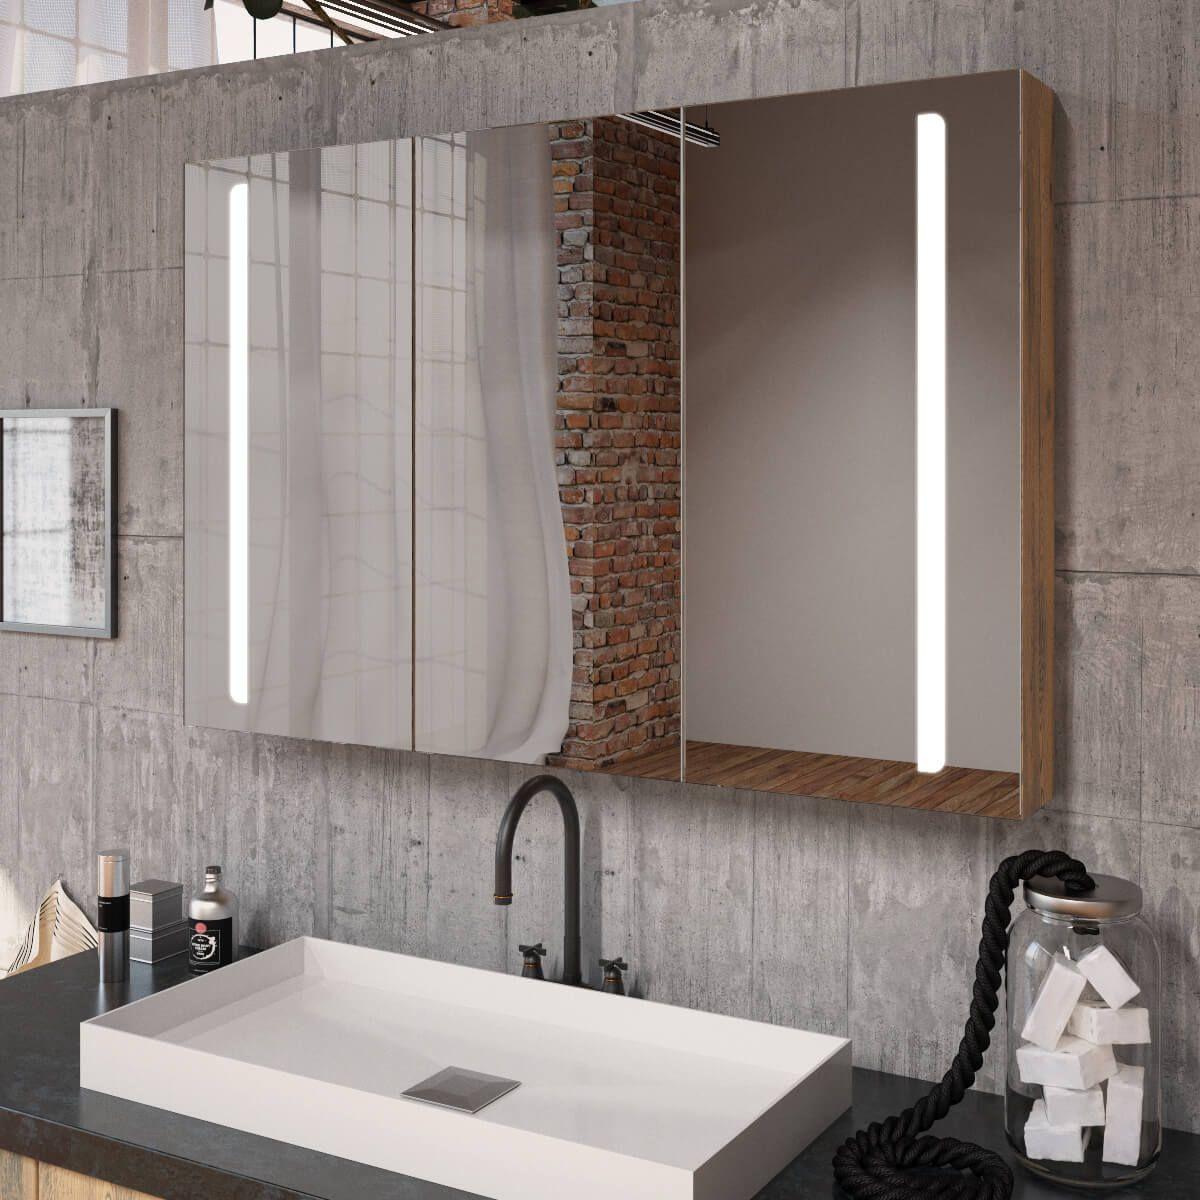 Spiegelschrank Ogrel Mit Led Beleuchtung Spiegelschrank Led Beleuchtung Spiegelschrank Bad